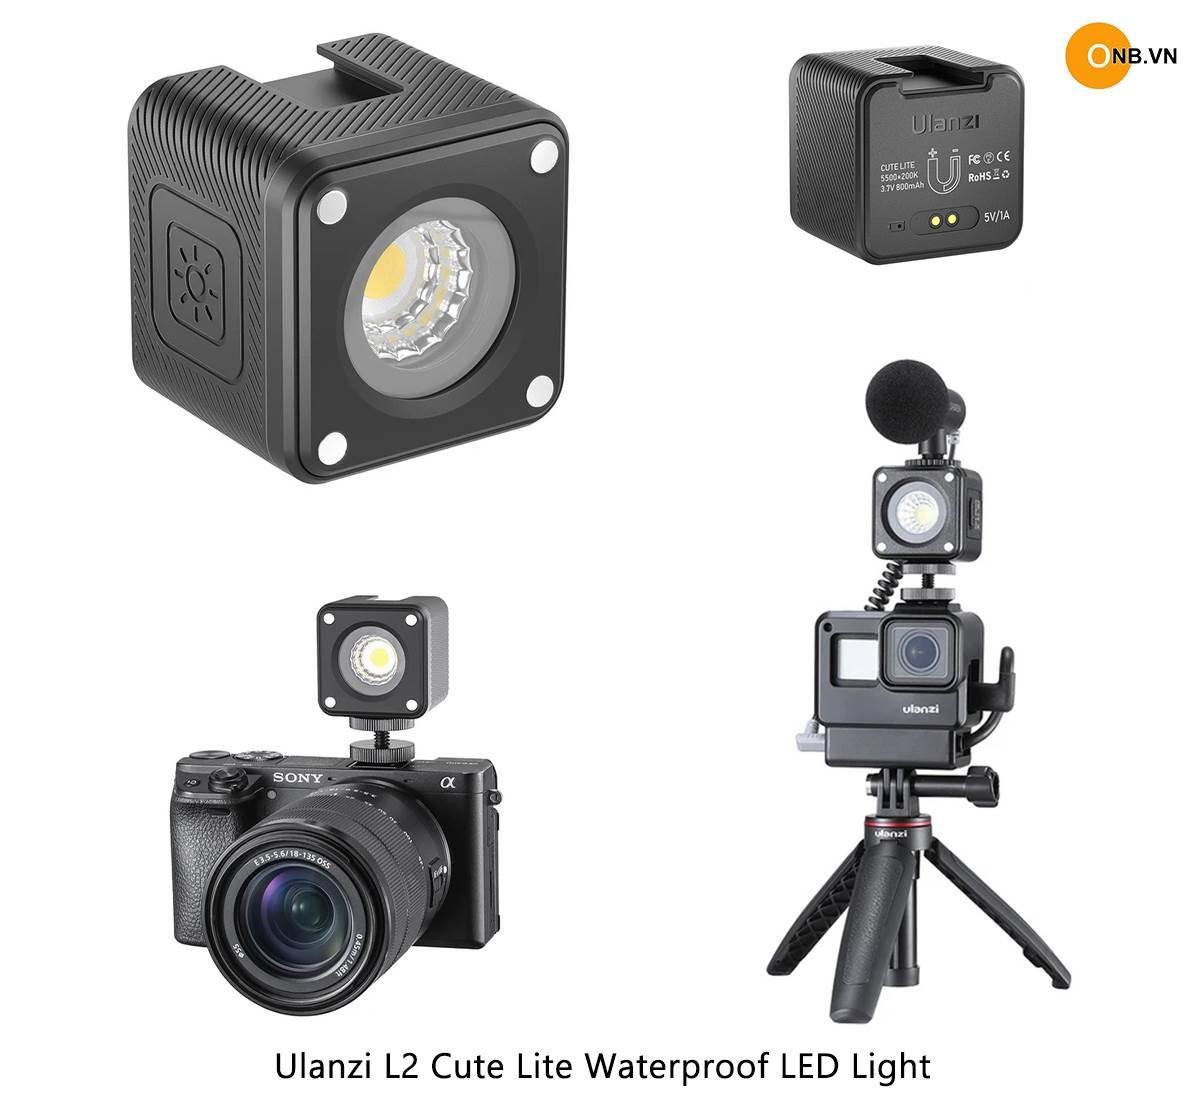 Ulanzi L2 Cute Lite Waterproof LED Light - Đèn led mini chống nước